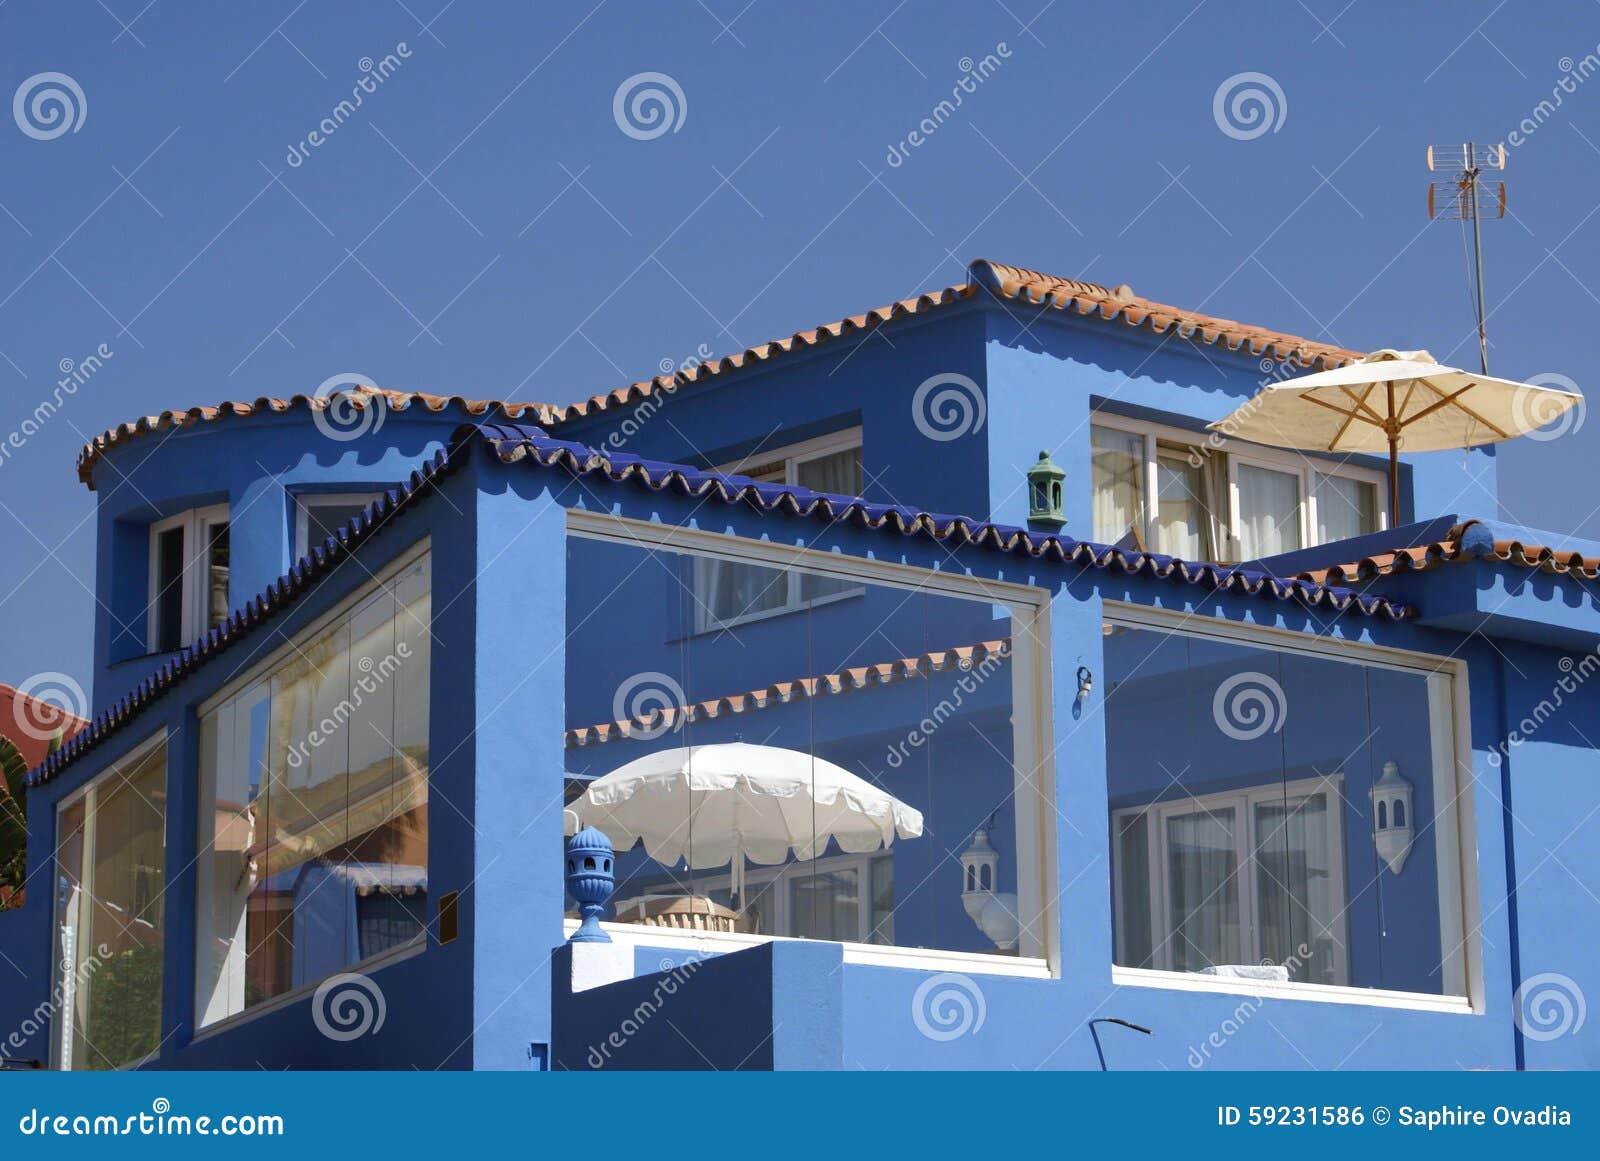 Download Balcón del patio foto de archivo. Imagen de fachada, exterior - 59231586